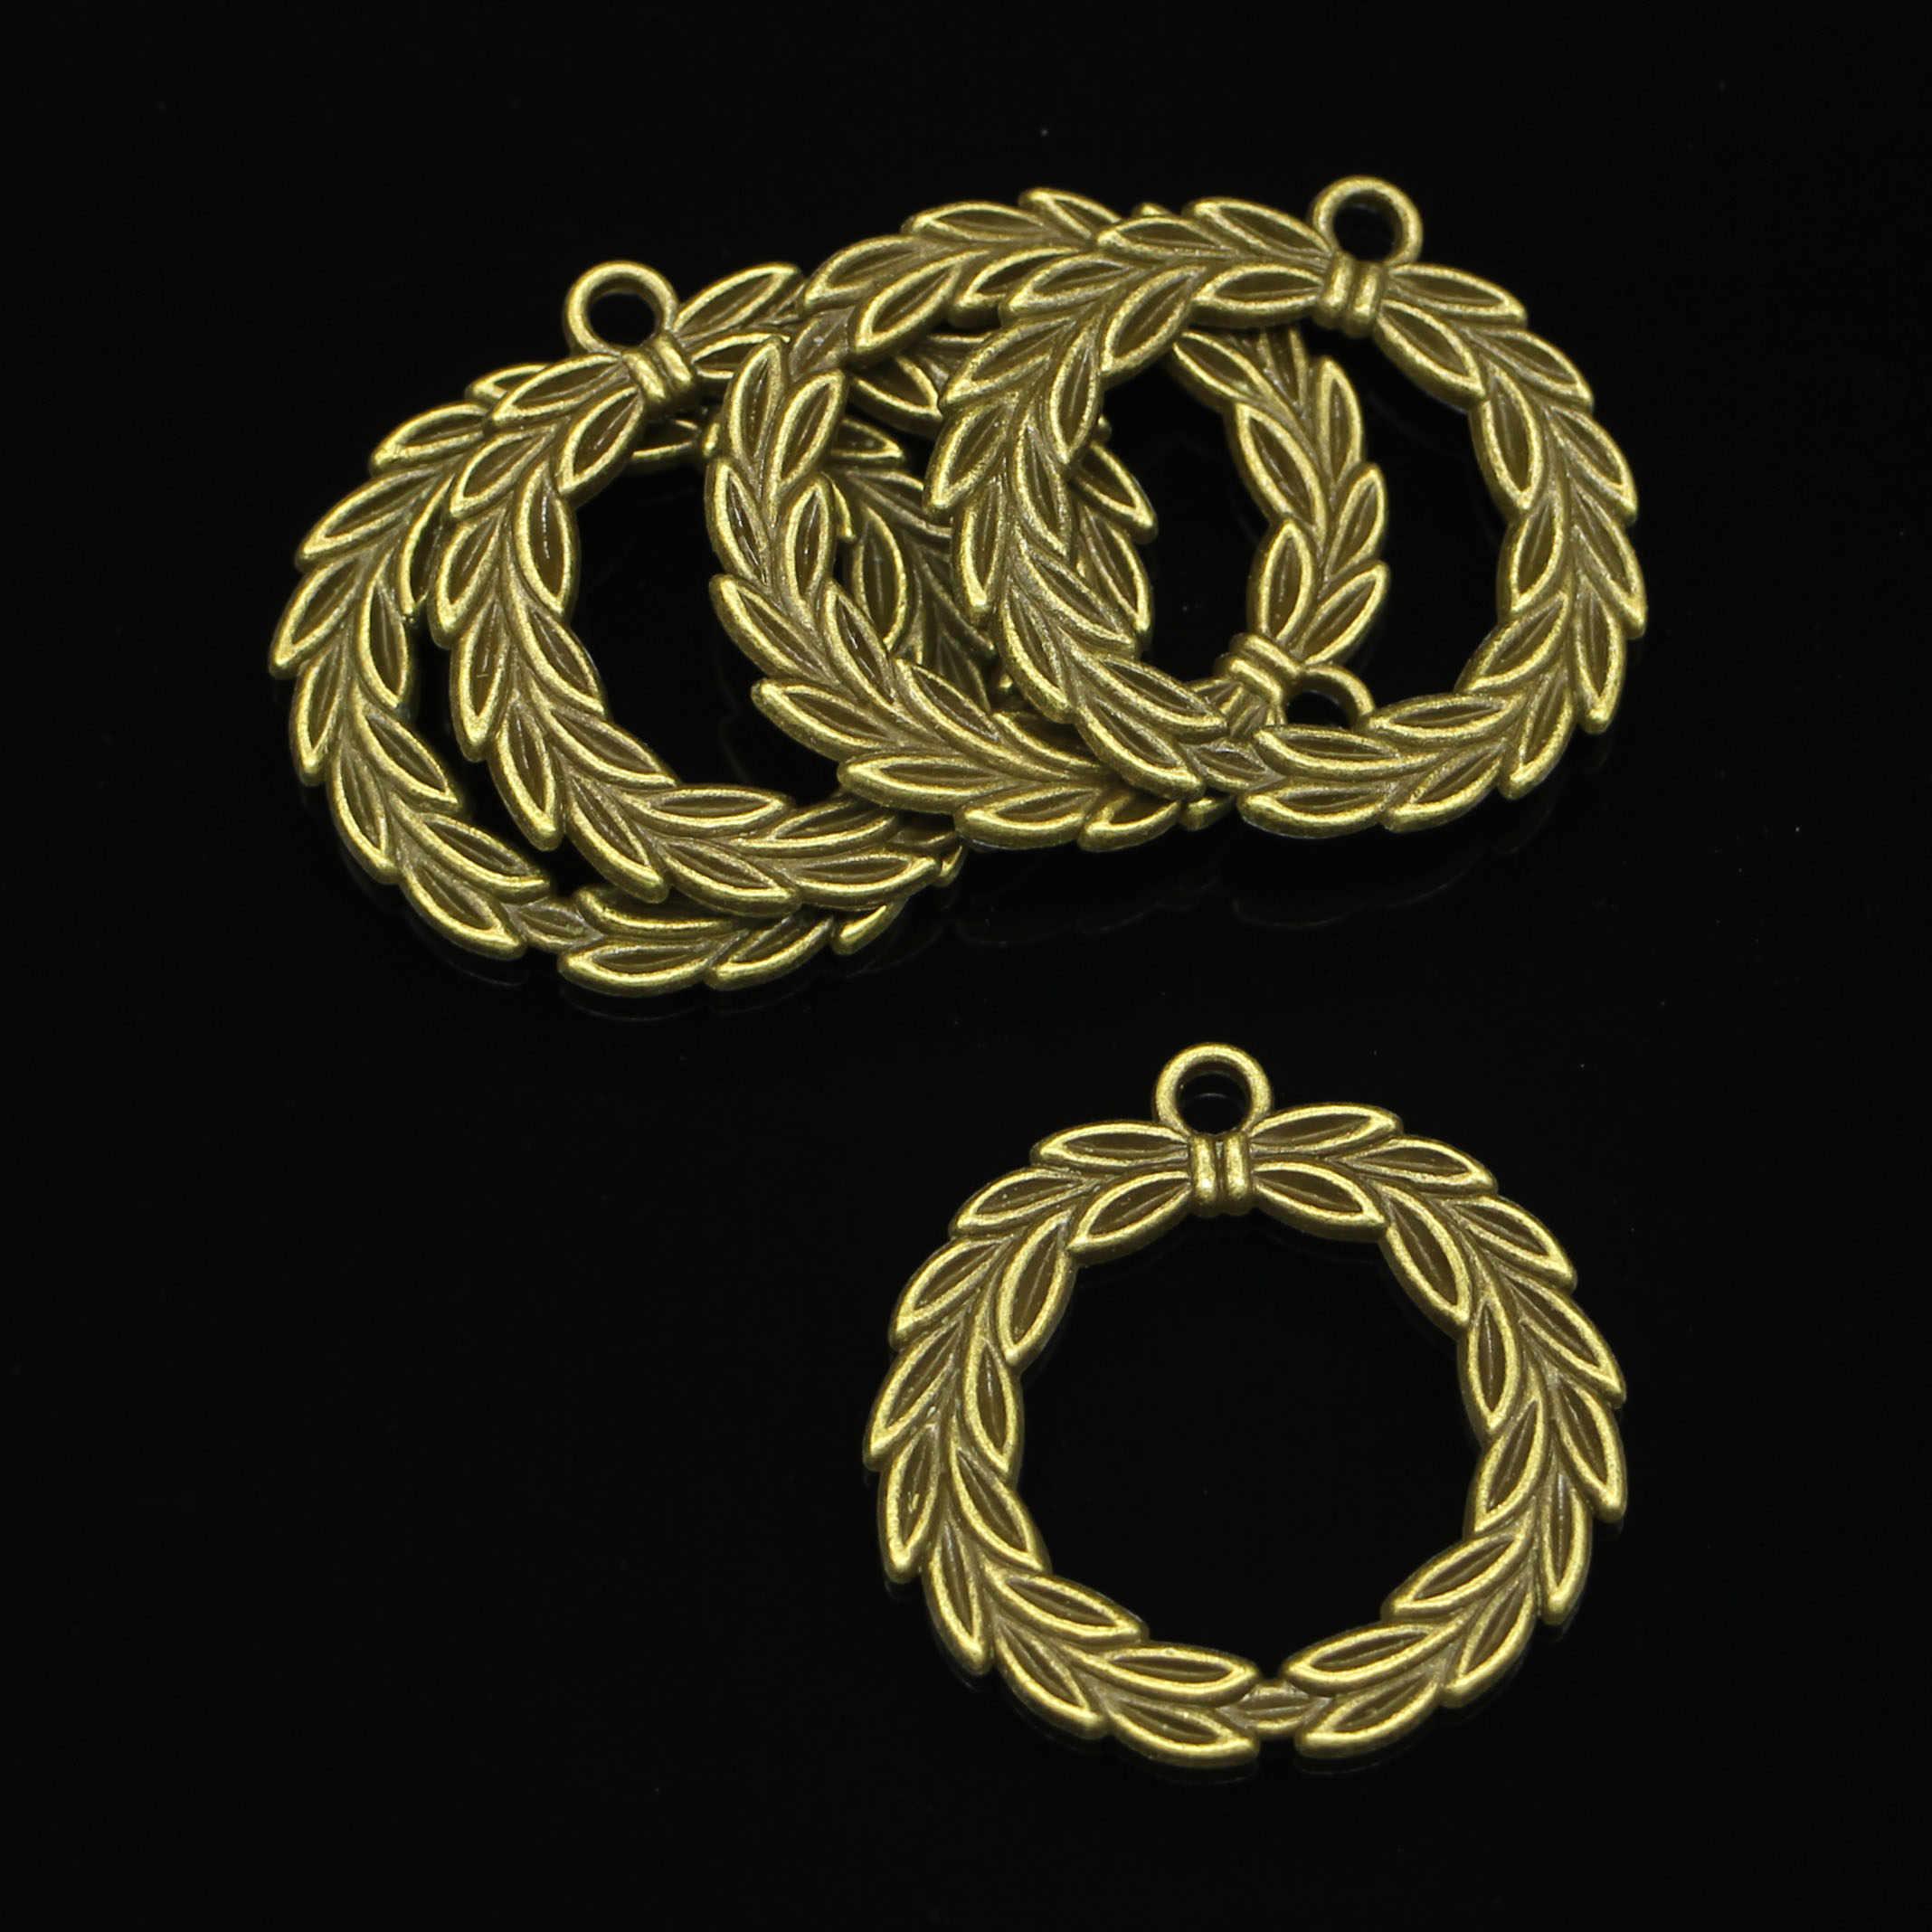 21 шт. античная бронза с покрытием оливковая ветка лавровый венок подвески для самостоятельного изготовления ювелирных изделий Подвески ручной работы 34 мм